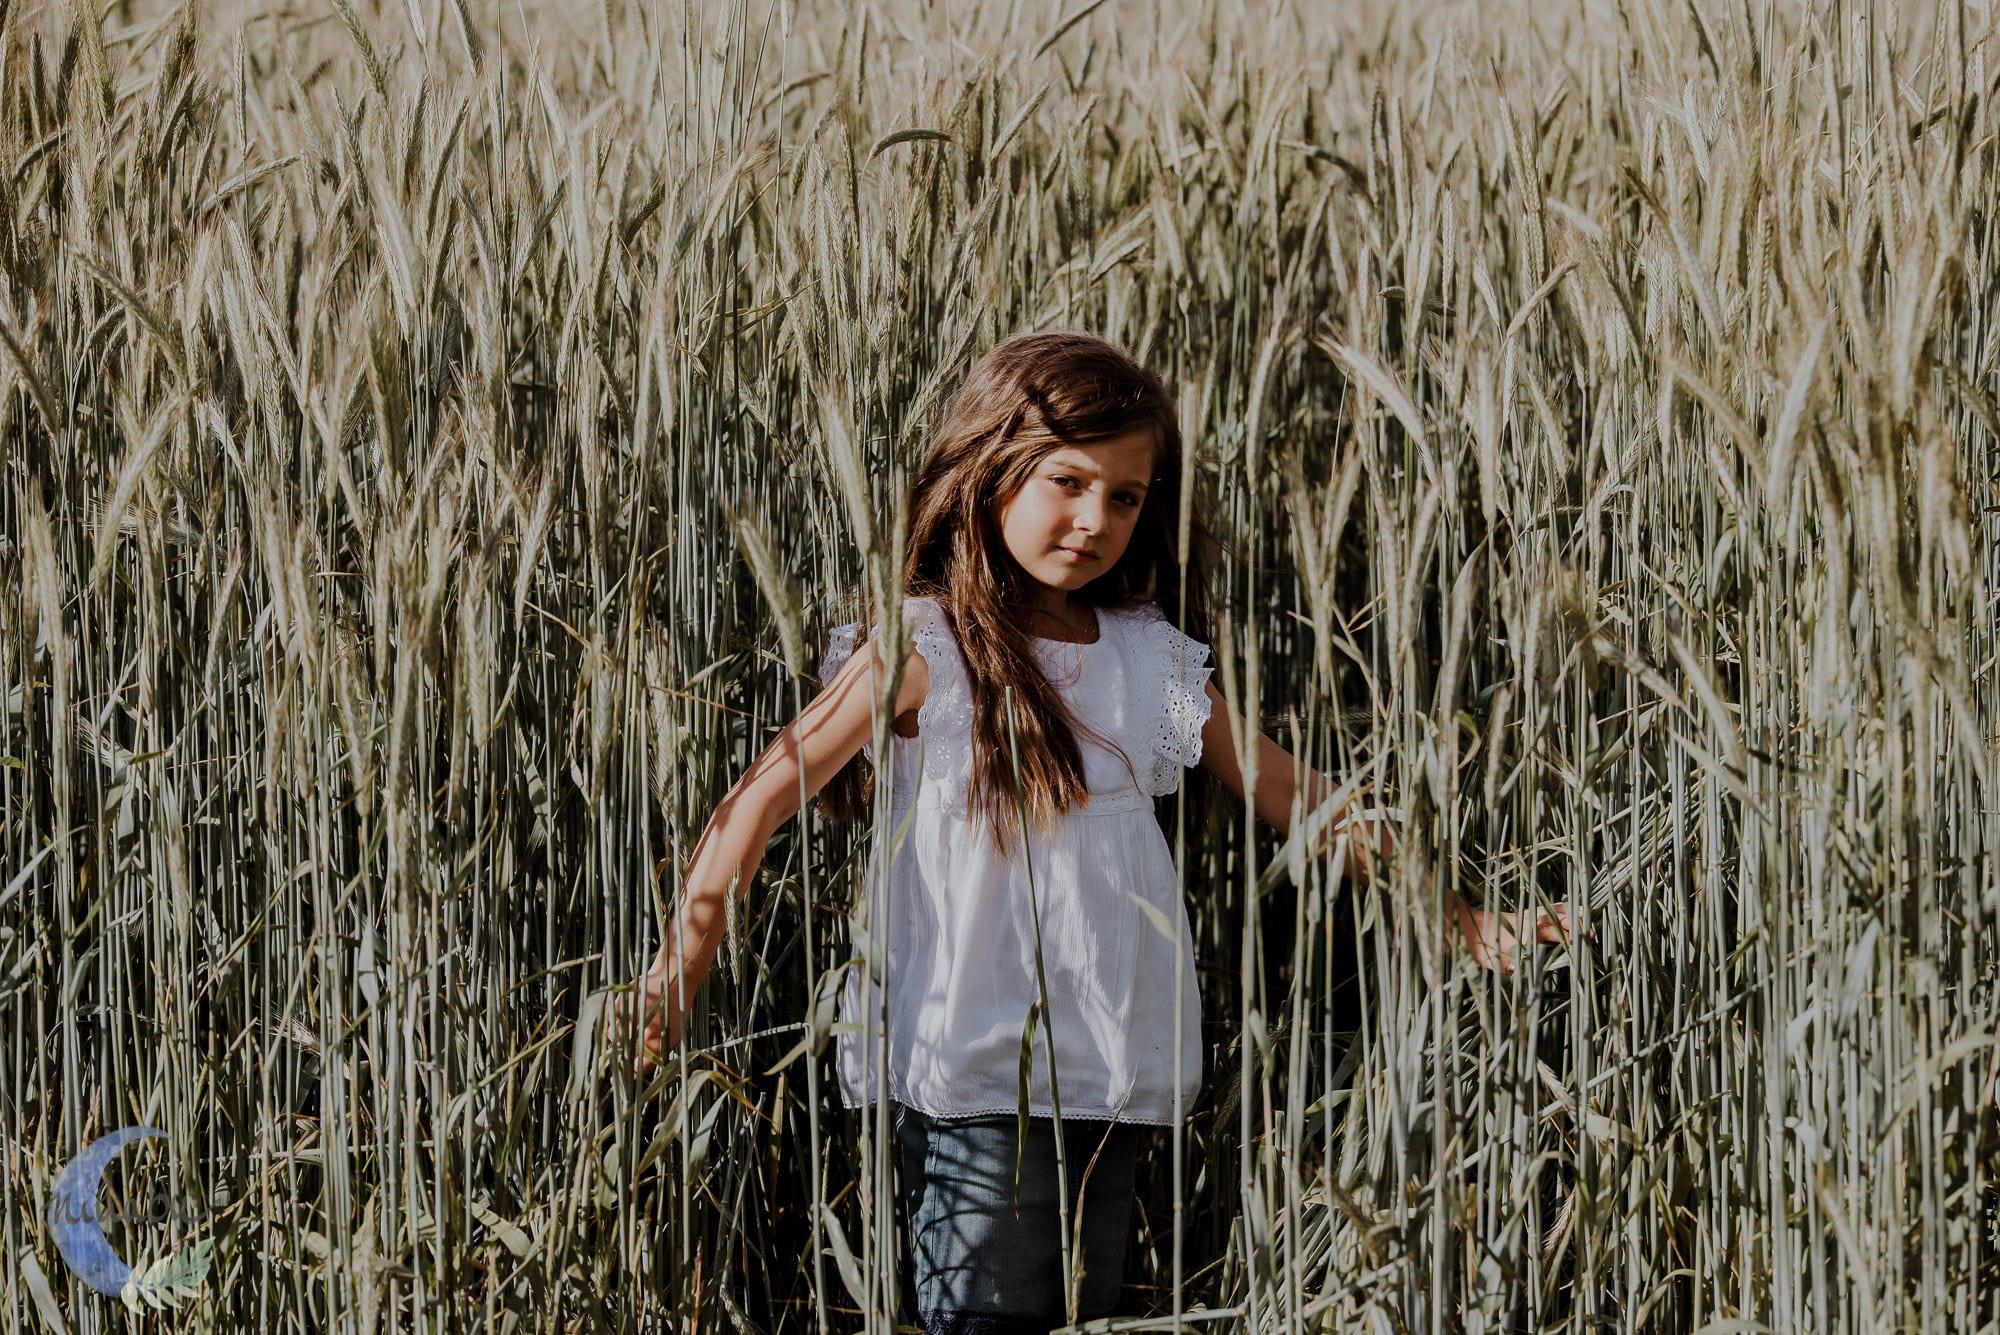 Kinderfotografin-Trier-Kornfeld-Blumenwiese-29